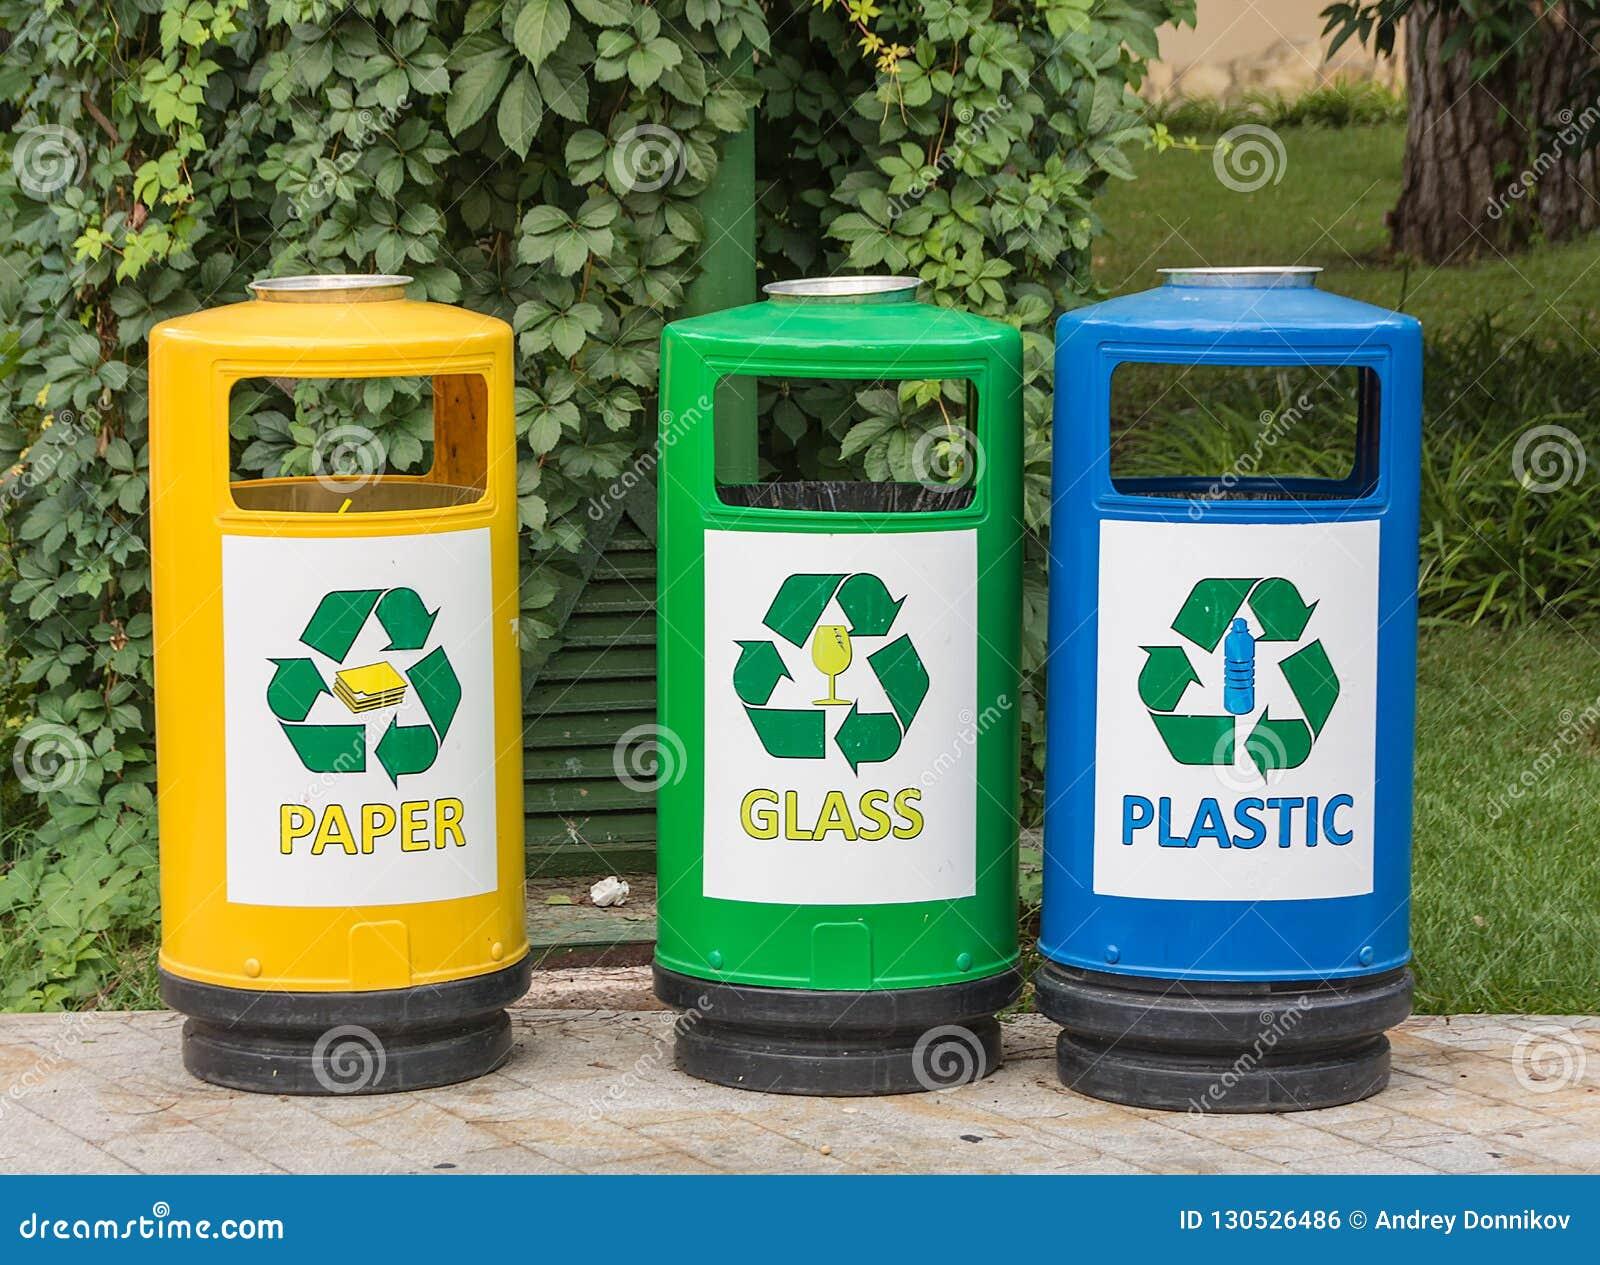 Τρία πολύχρωμα ανακύκλωσης δοχεία για τα απόβλητα με τα εικονίδια για διευκόλυνση της ταξινόμησης των παλιοπραγμάτων σπαταλούν στ